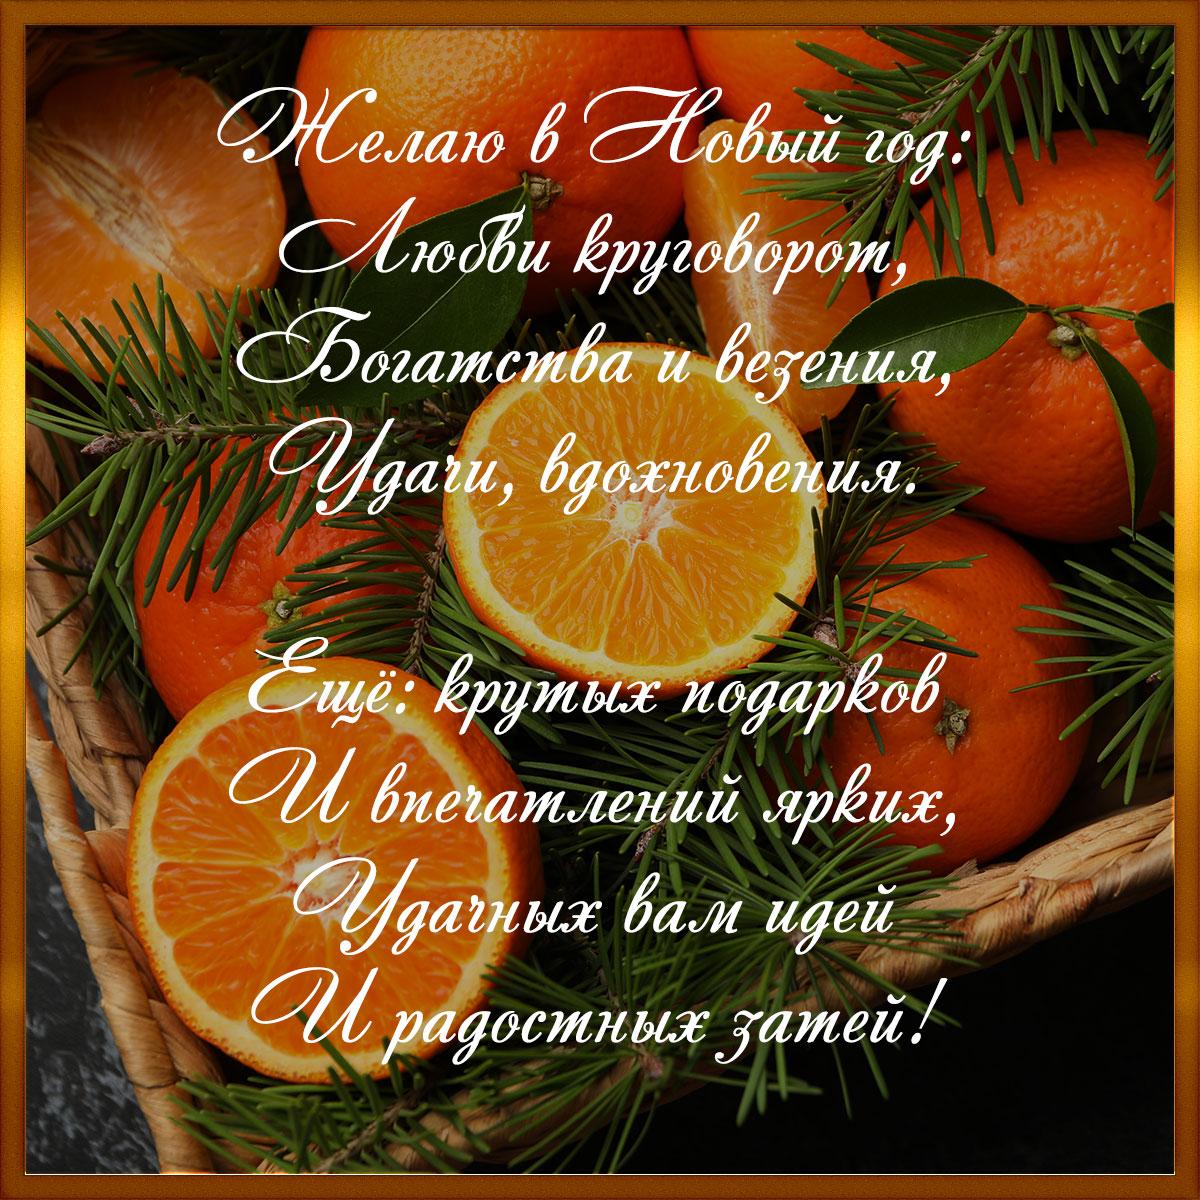 Фотография новогоднее поздравление в стихах каллиграфическим шрифтом на фоне апельсинов и еловых веток.